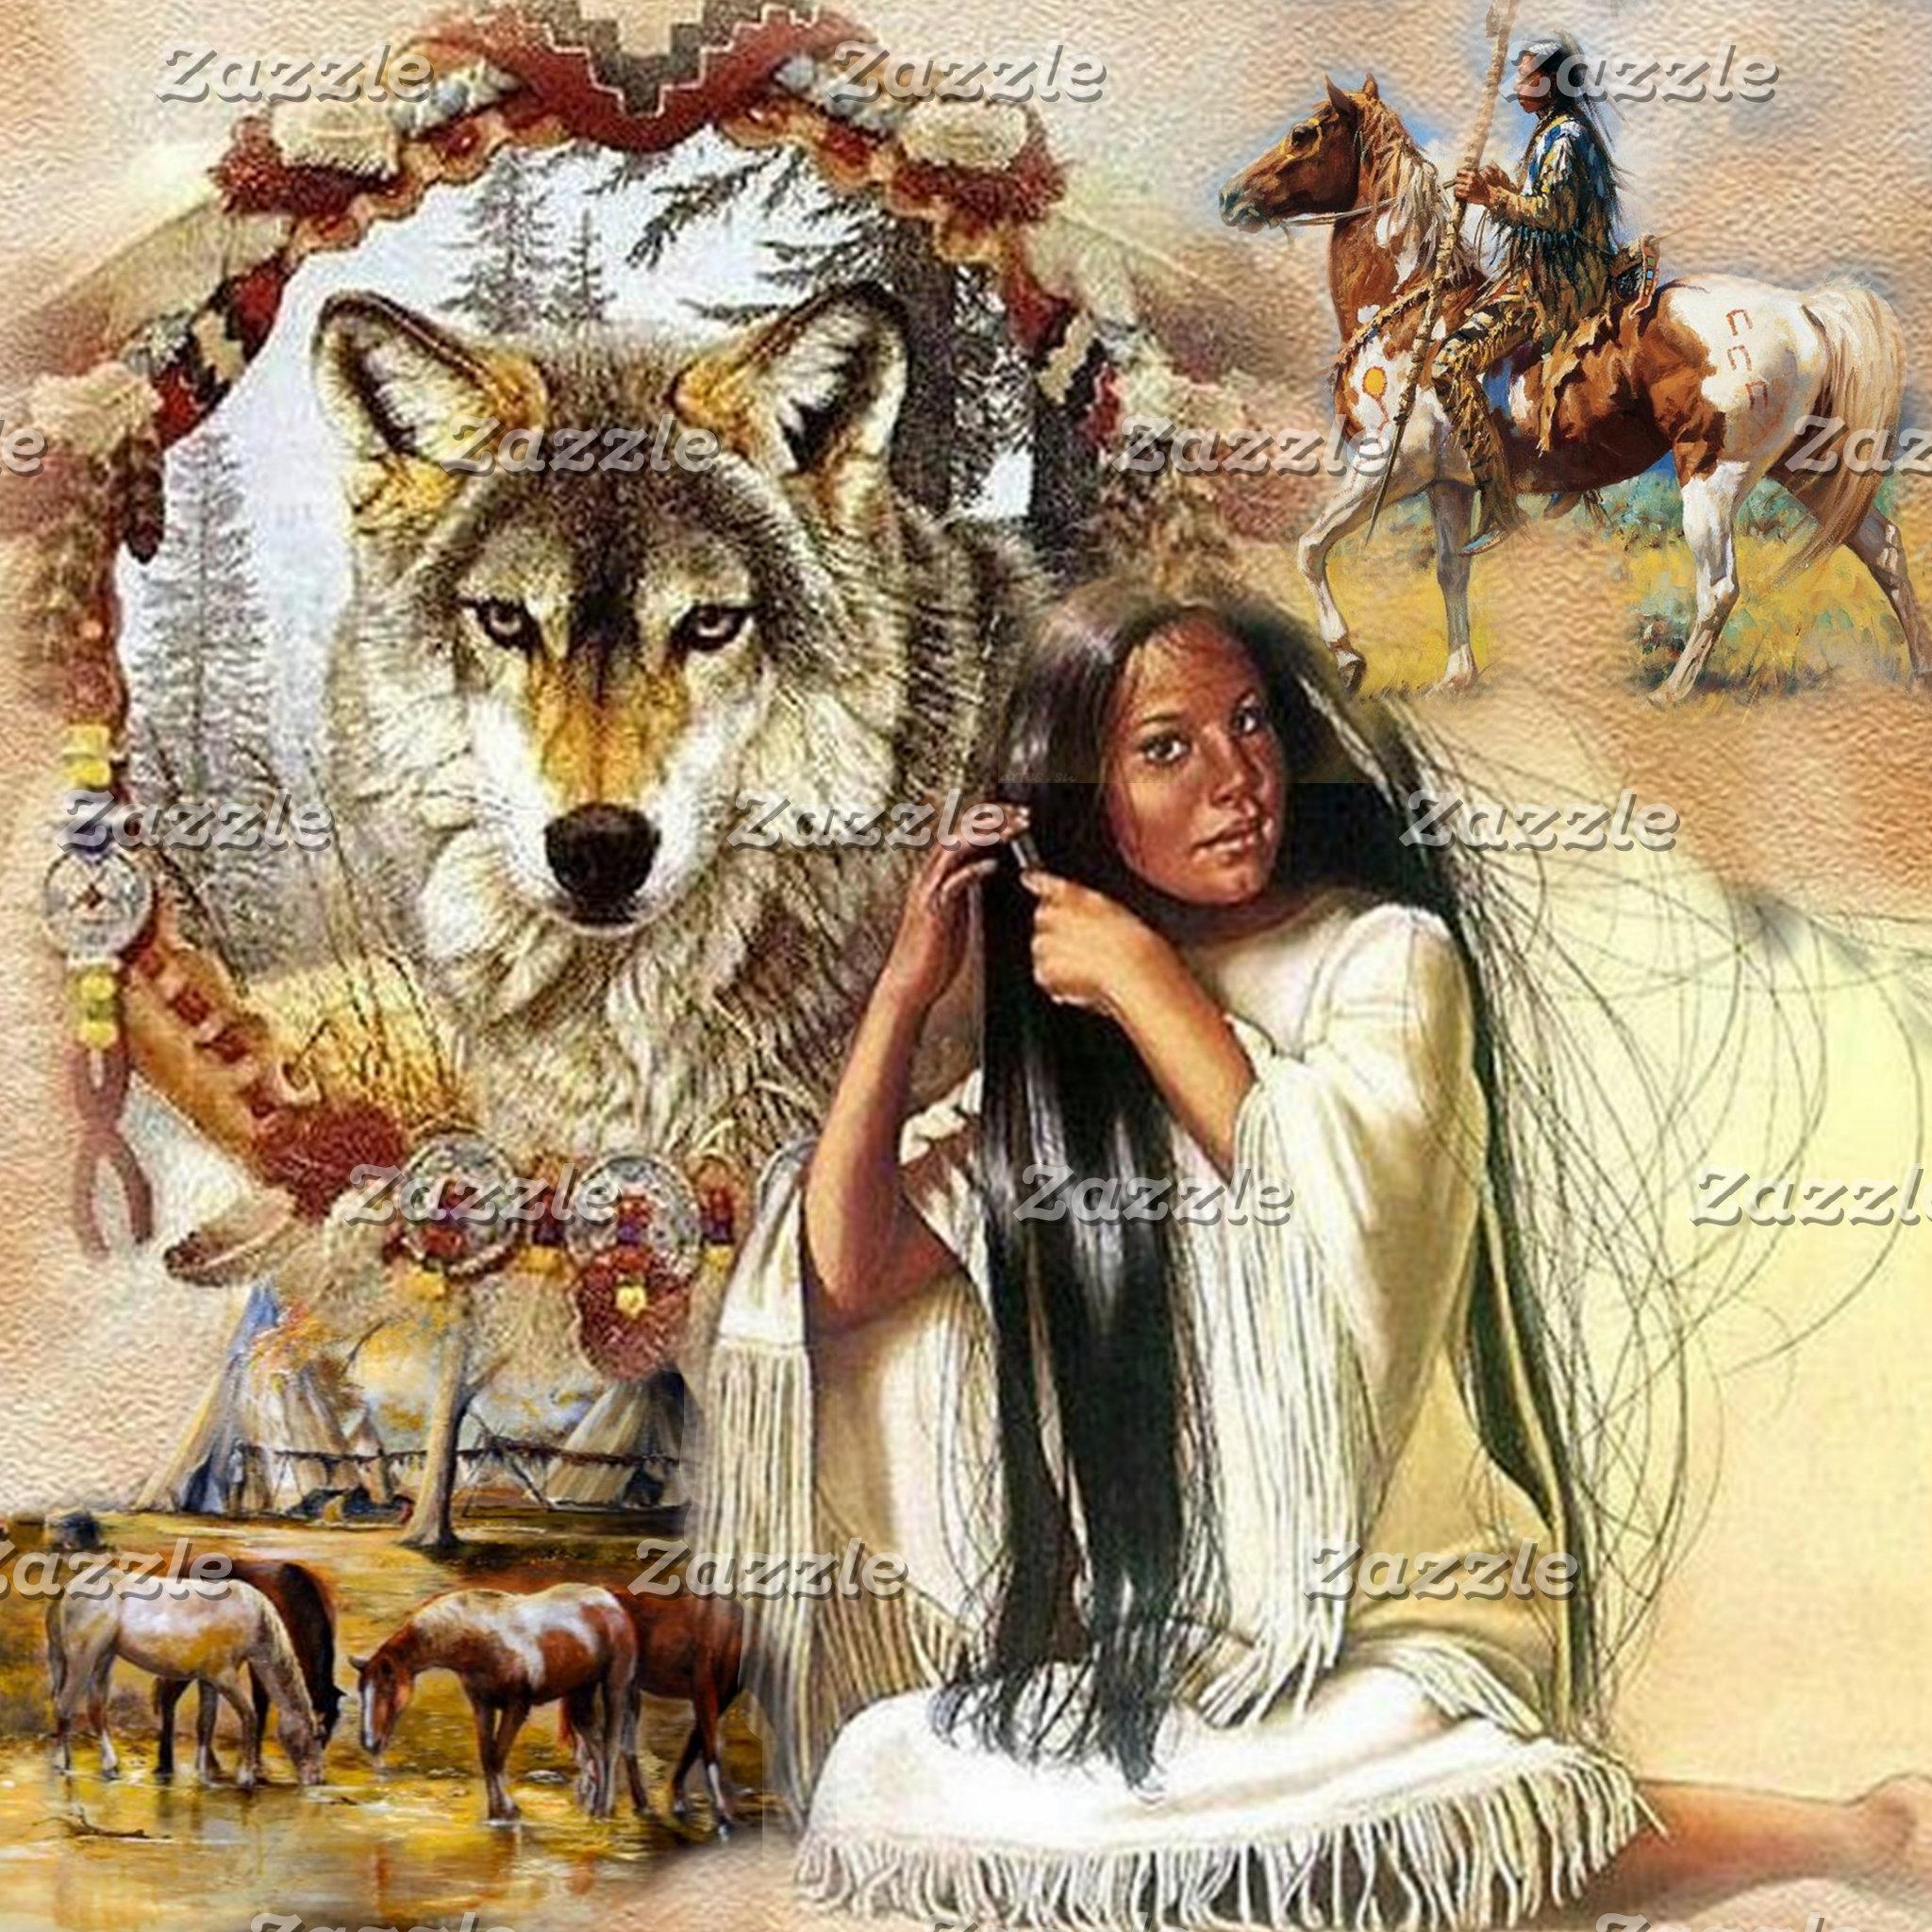 *Tribal, Native American